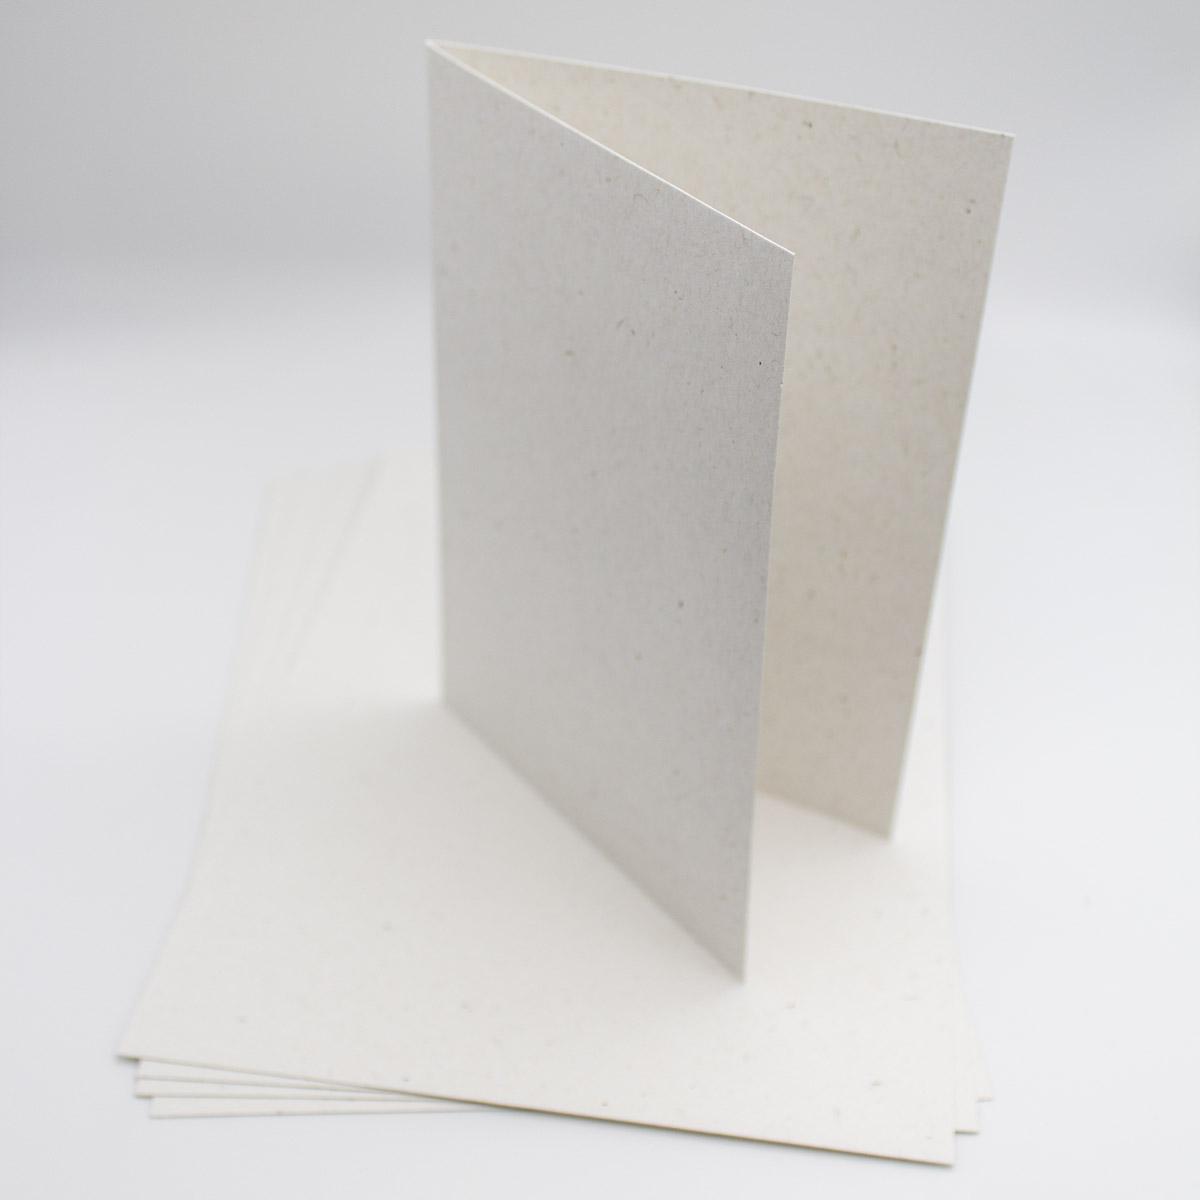 Karten-Flora- Klappkarten-5-Stück-Unsere kleine Bastelstube